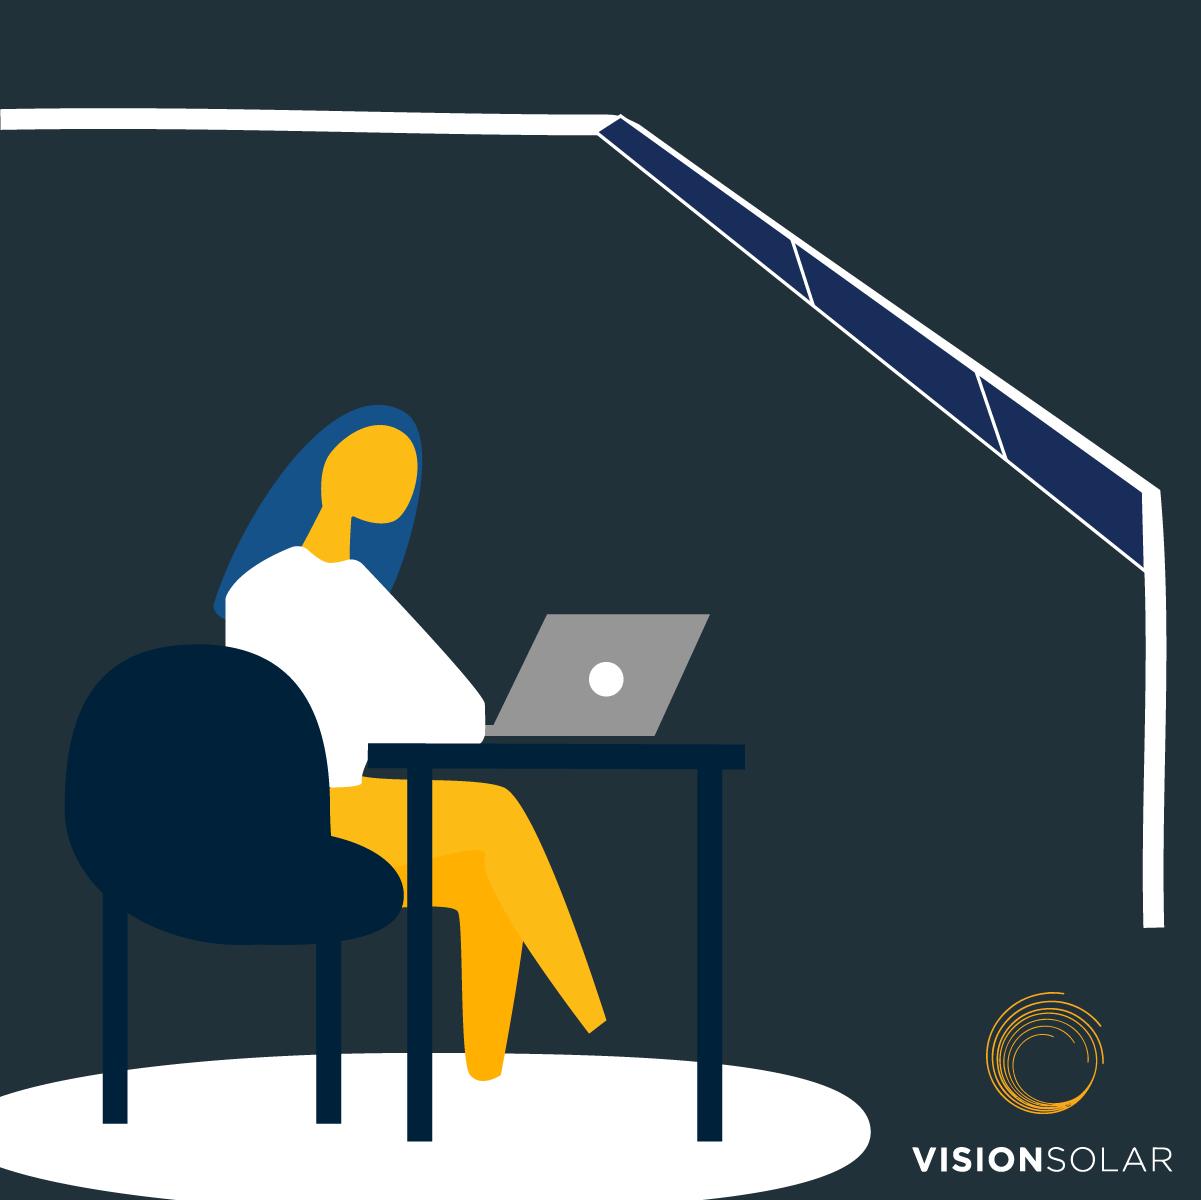 Going Solar as A Vision Solar Employee